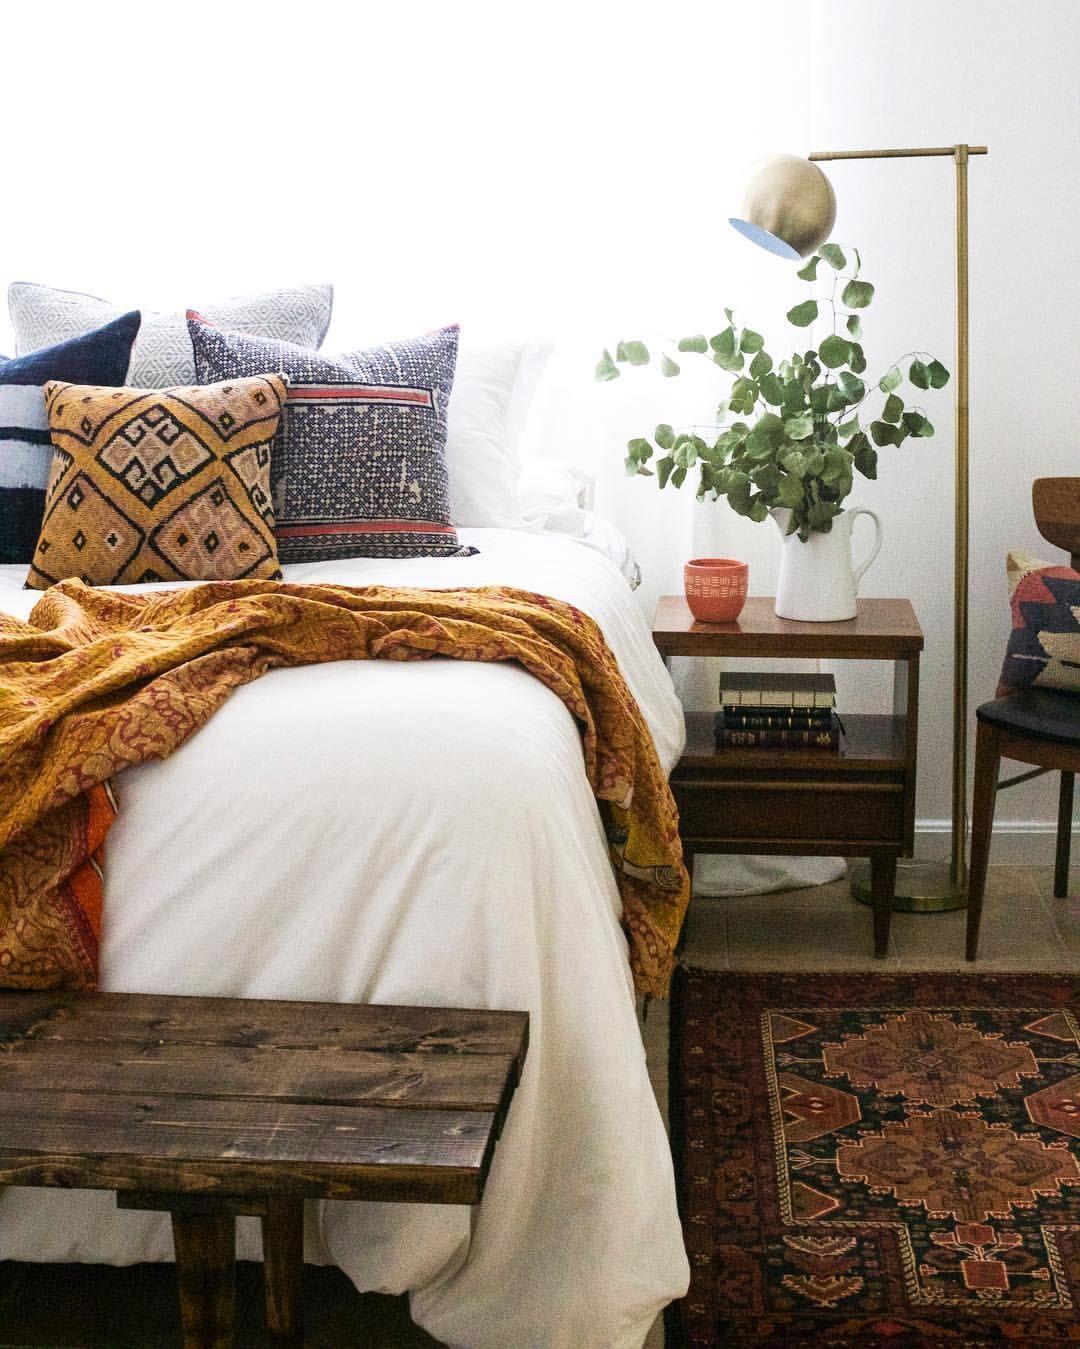 Pin di Erica Irwin su bedroom | Pinterest | Interni, Stanze da letto ...